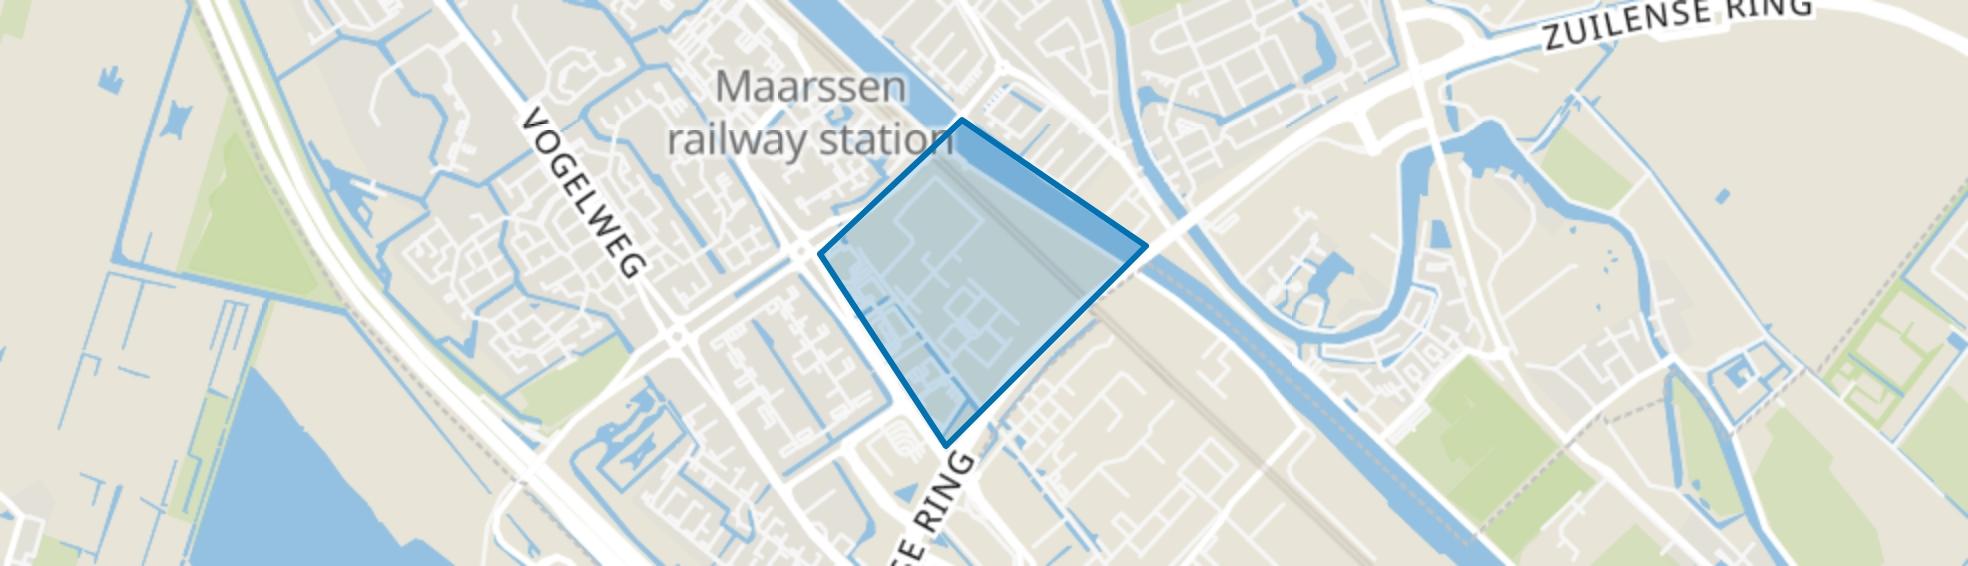 Industrieterrein Maarssenbroek, Maarssen map